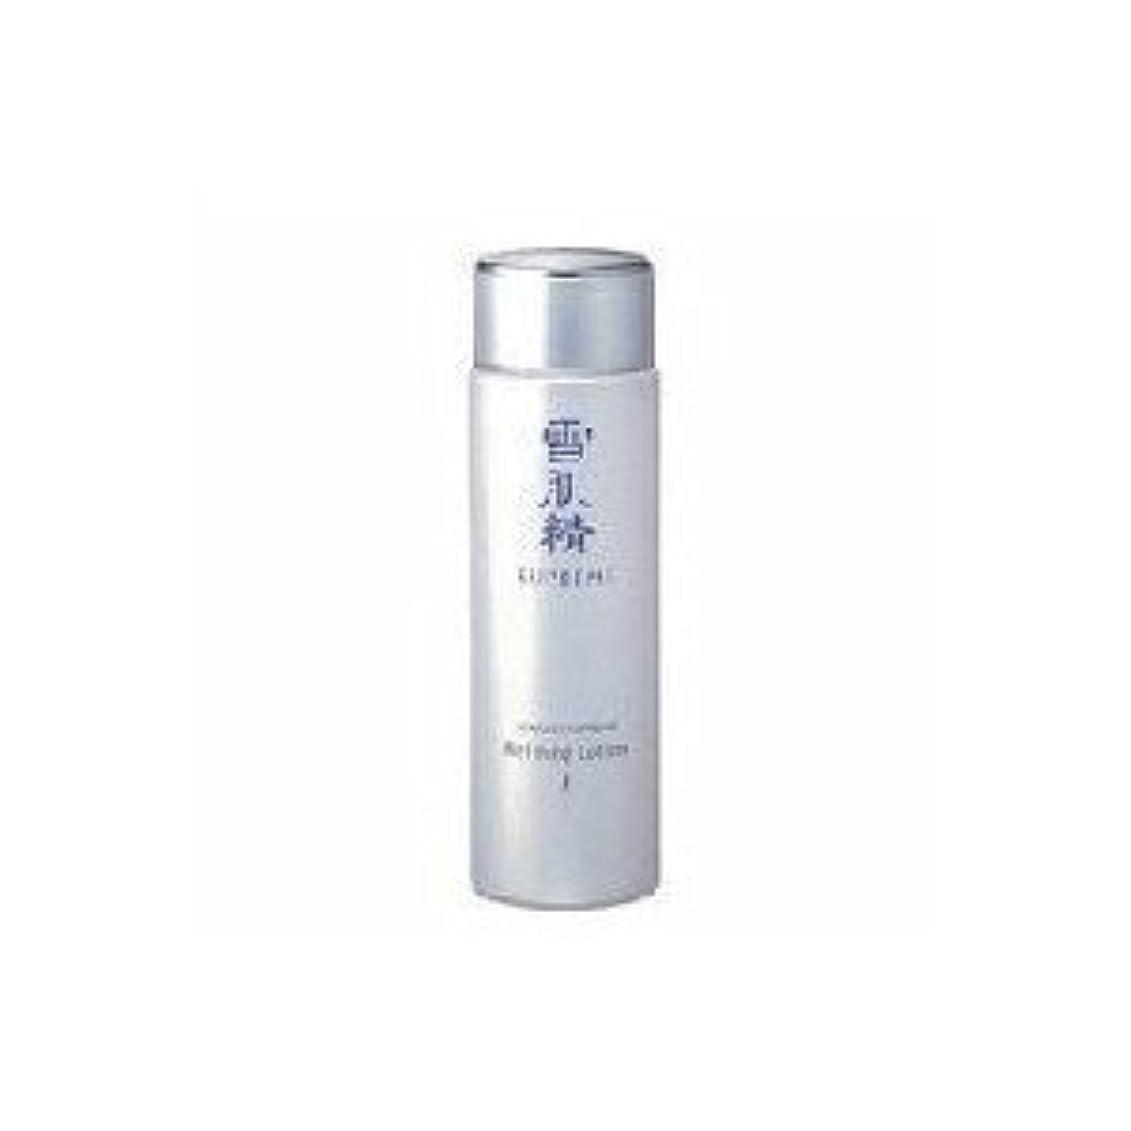 アシスタントに負ける素晴らしい限定品 コーセー 雪肌精 シュープレム 化粧水 II 400ml